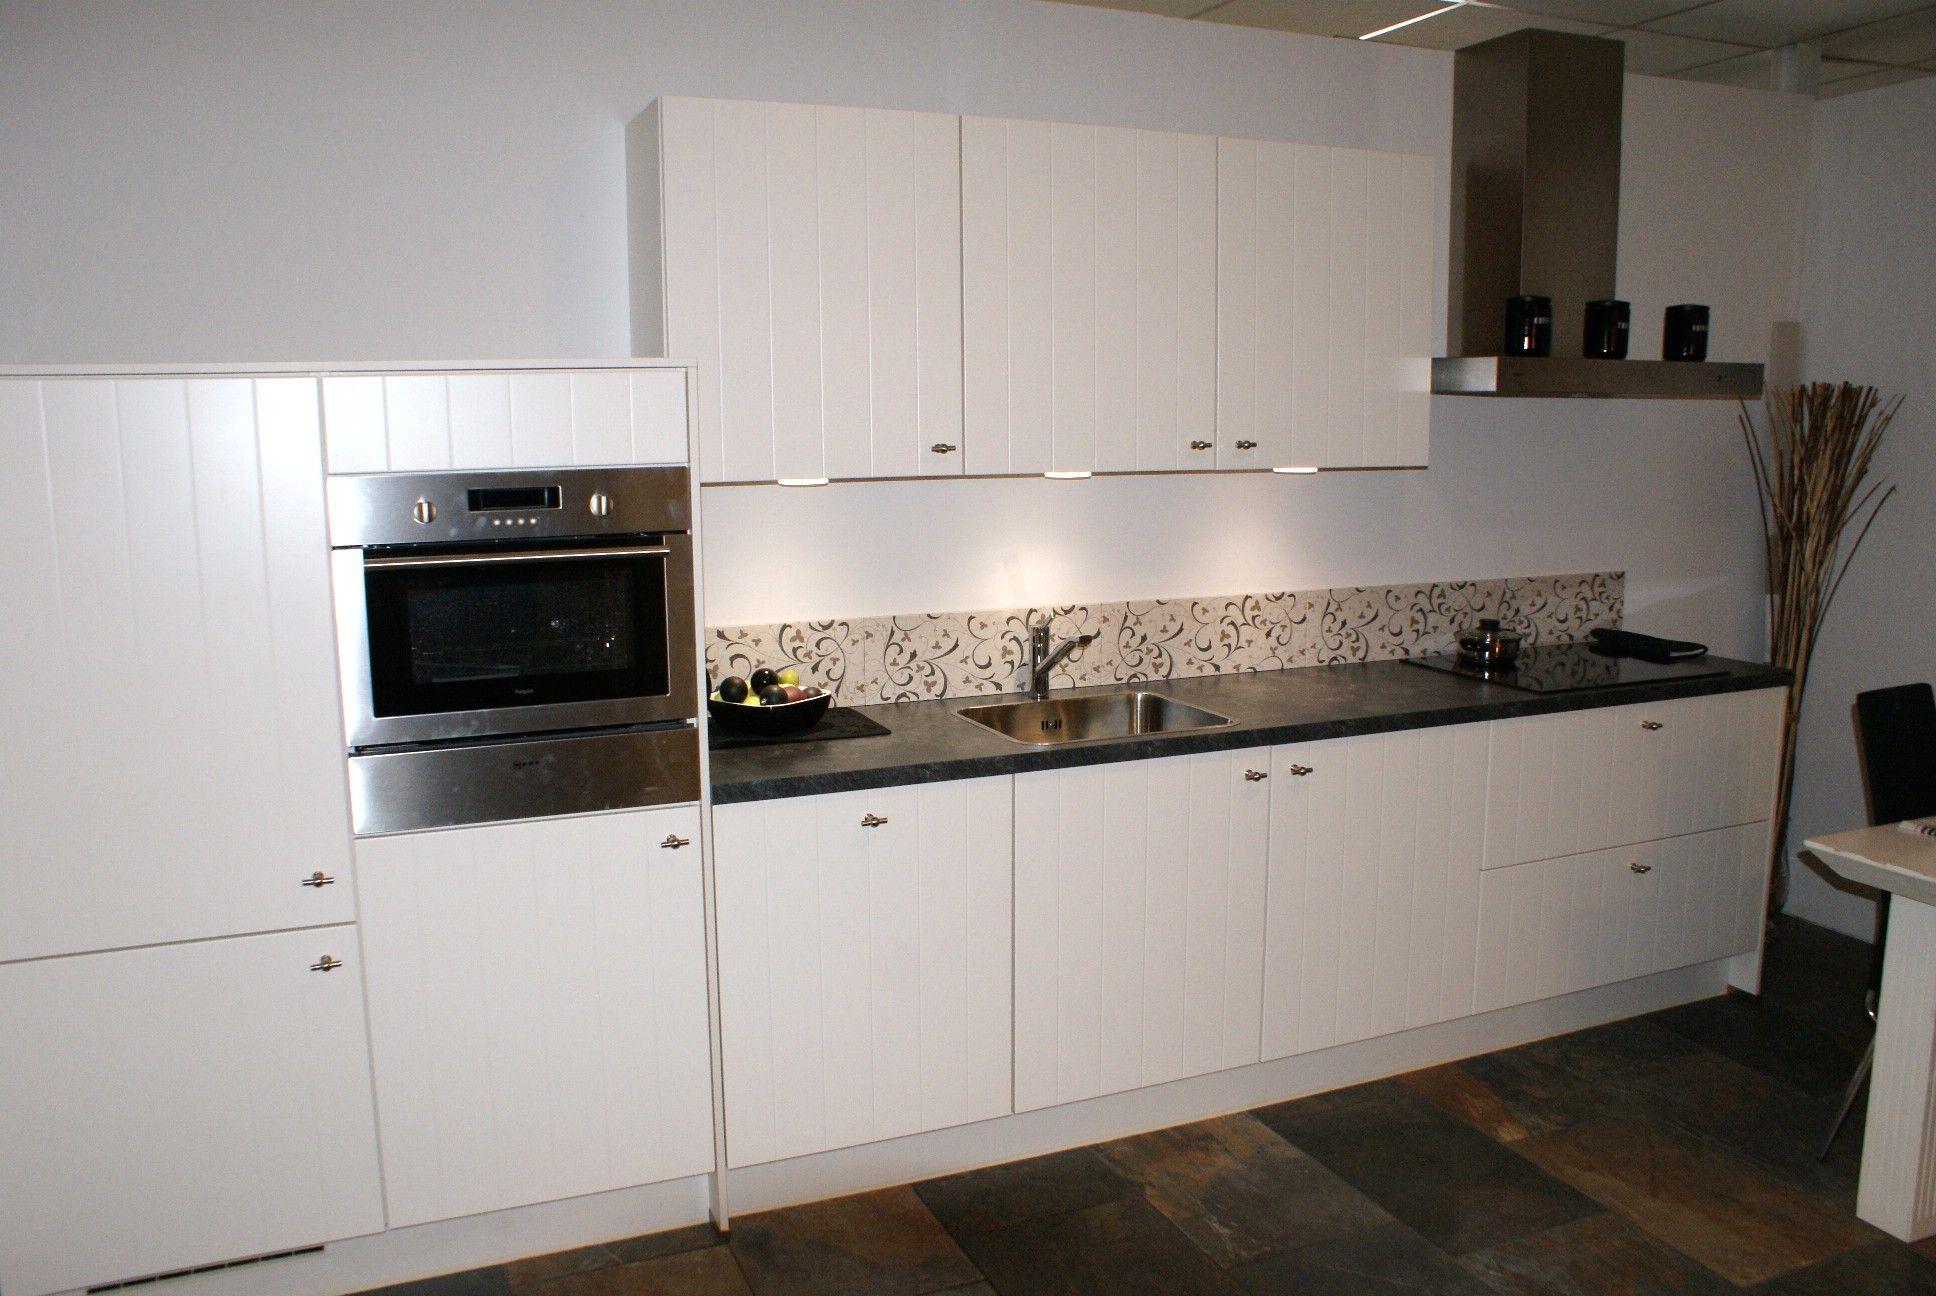 Piet Boon Keuken Showroom : keukens voor zeer lage keuken prijzen Vivari magnolia rechte keuken